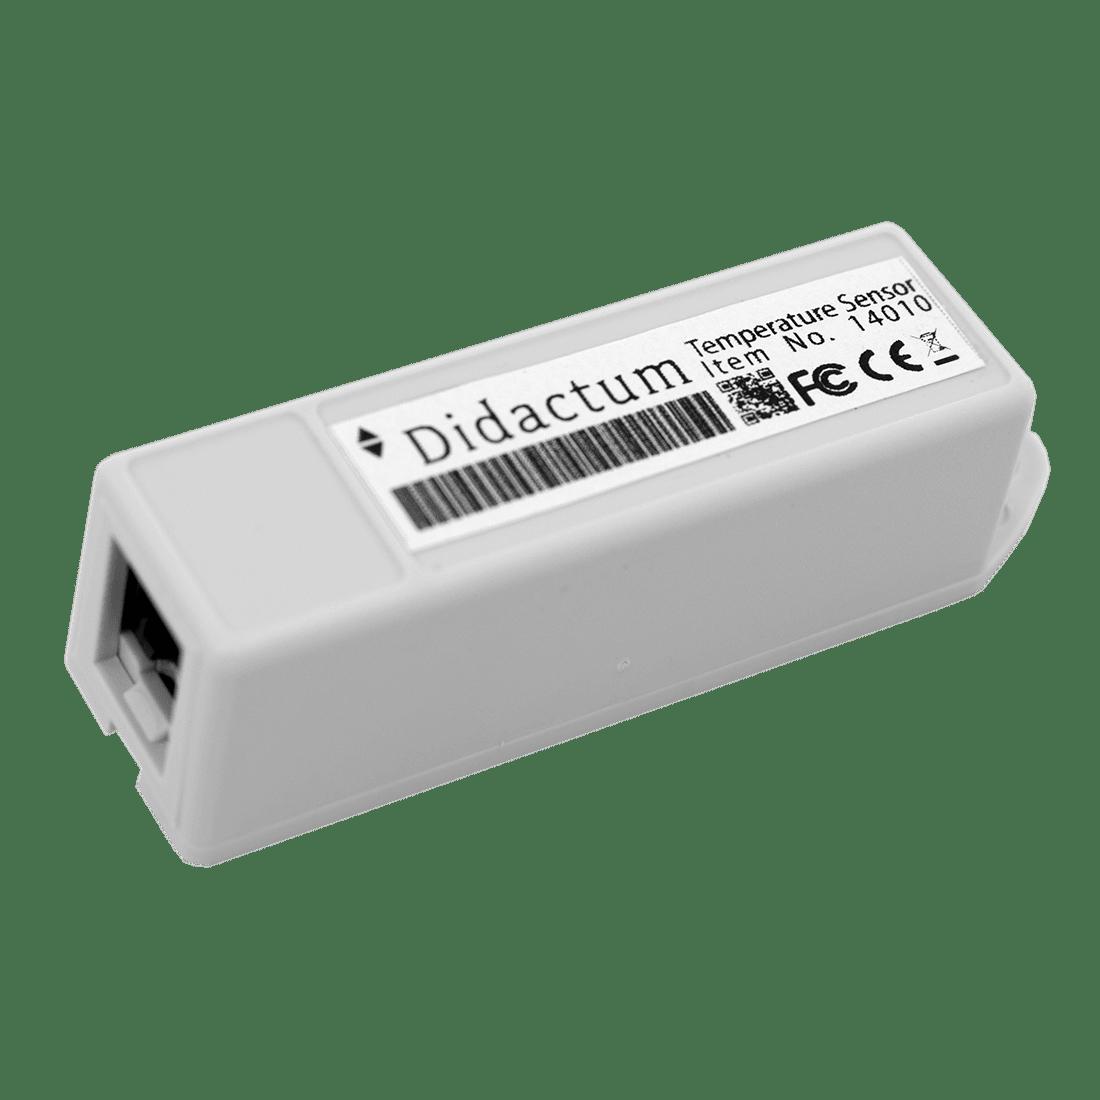 Temperatur im Serverschrank | Didactum® Security GmbH